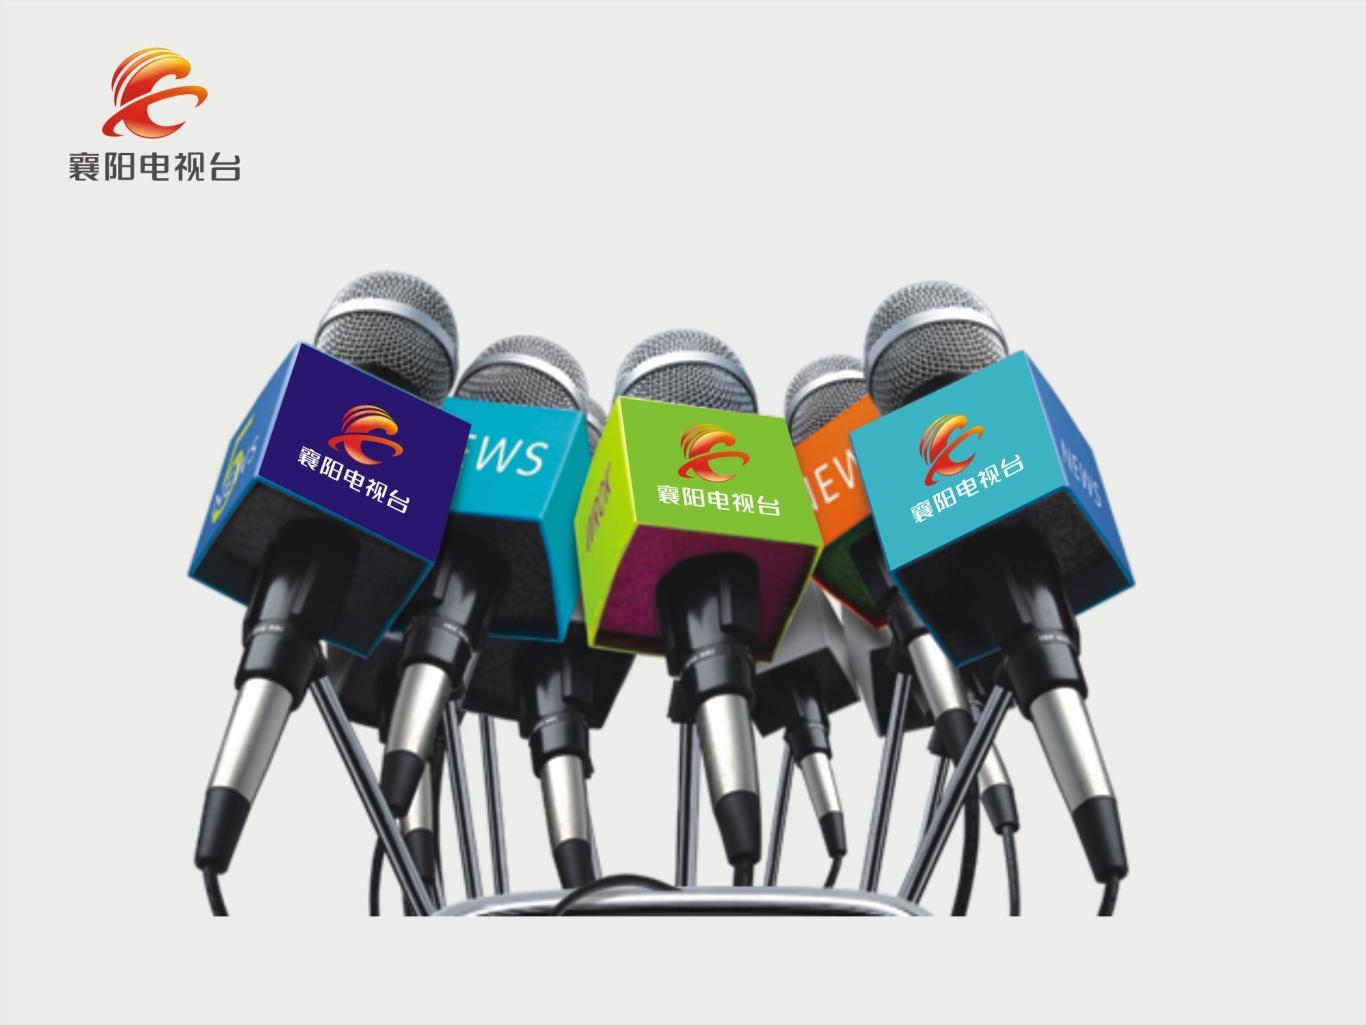 襄阳广播电视台台标设计图2